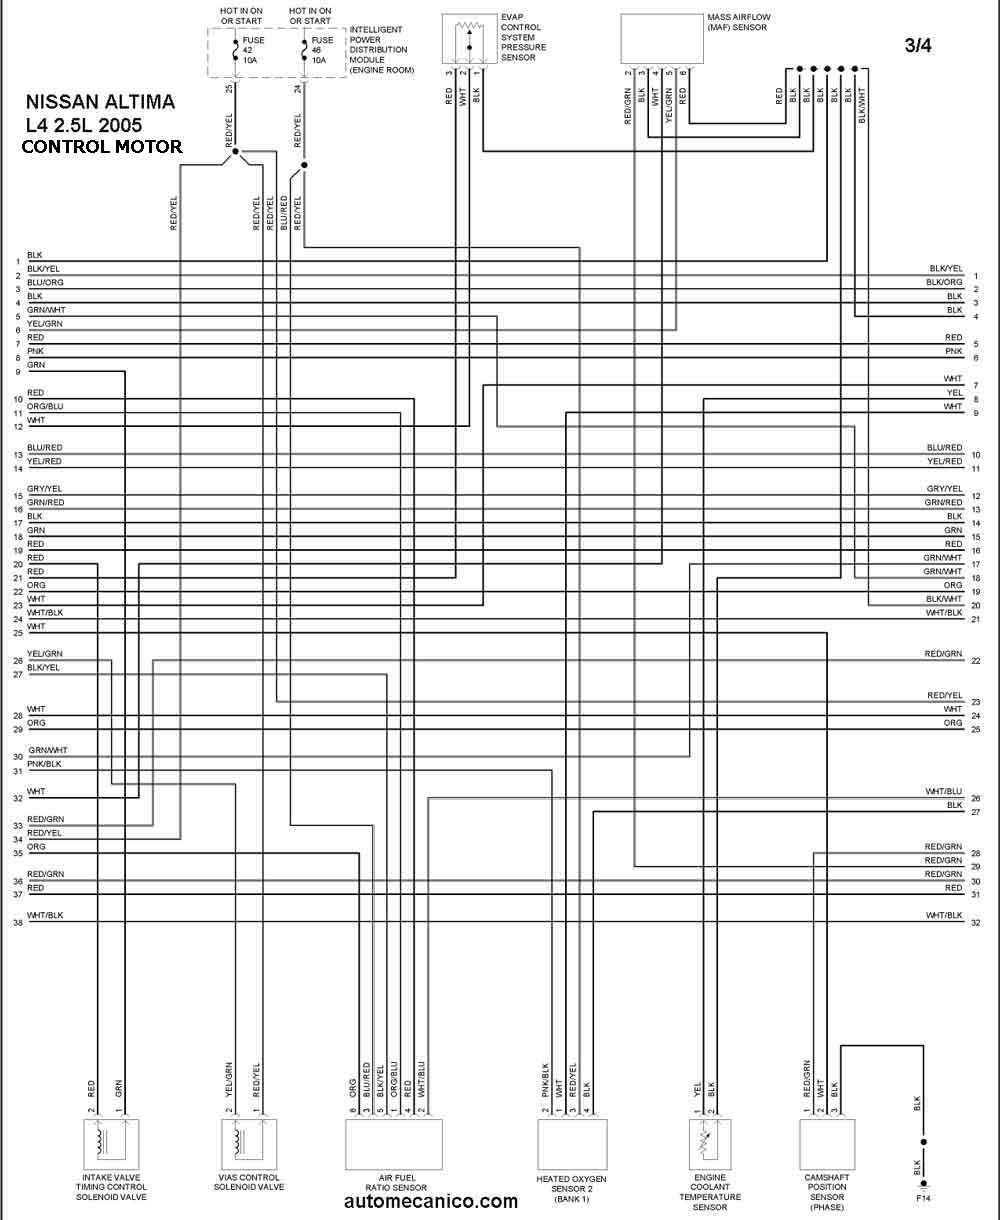 Diagrama Electrico De Nissan Frontier 2005, Diagrama, Free